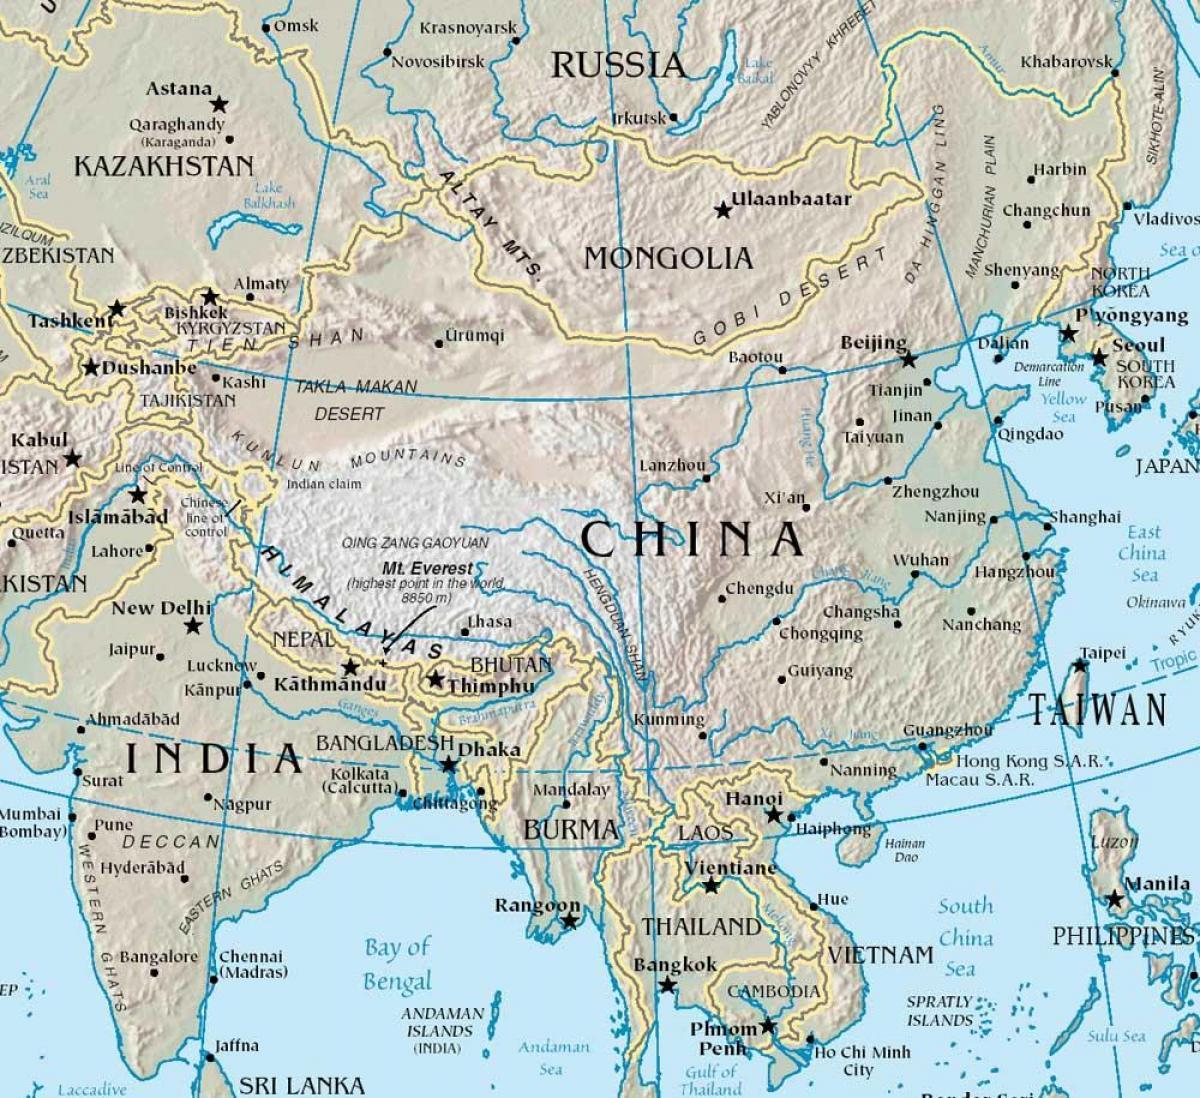 gebirge china karte Gebirge in der Karte von China   Karte von China mit Bergen (Ost